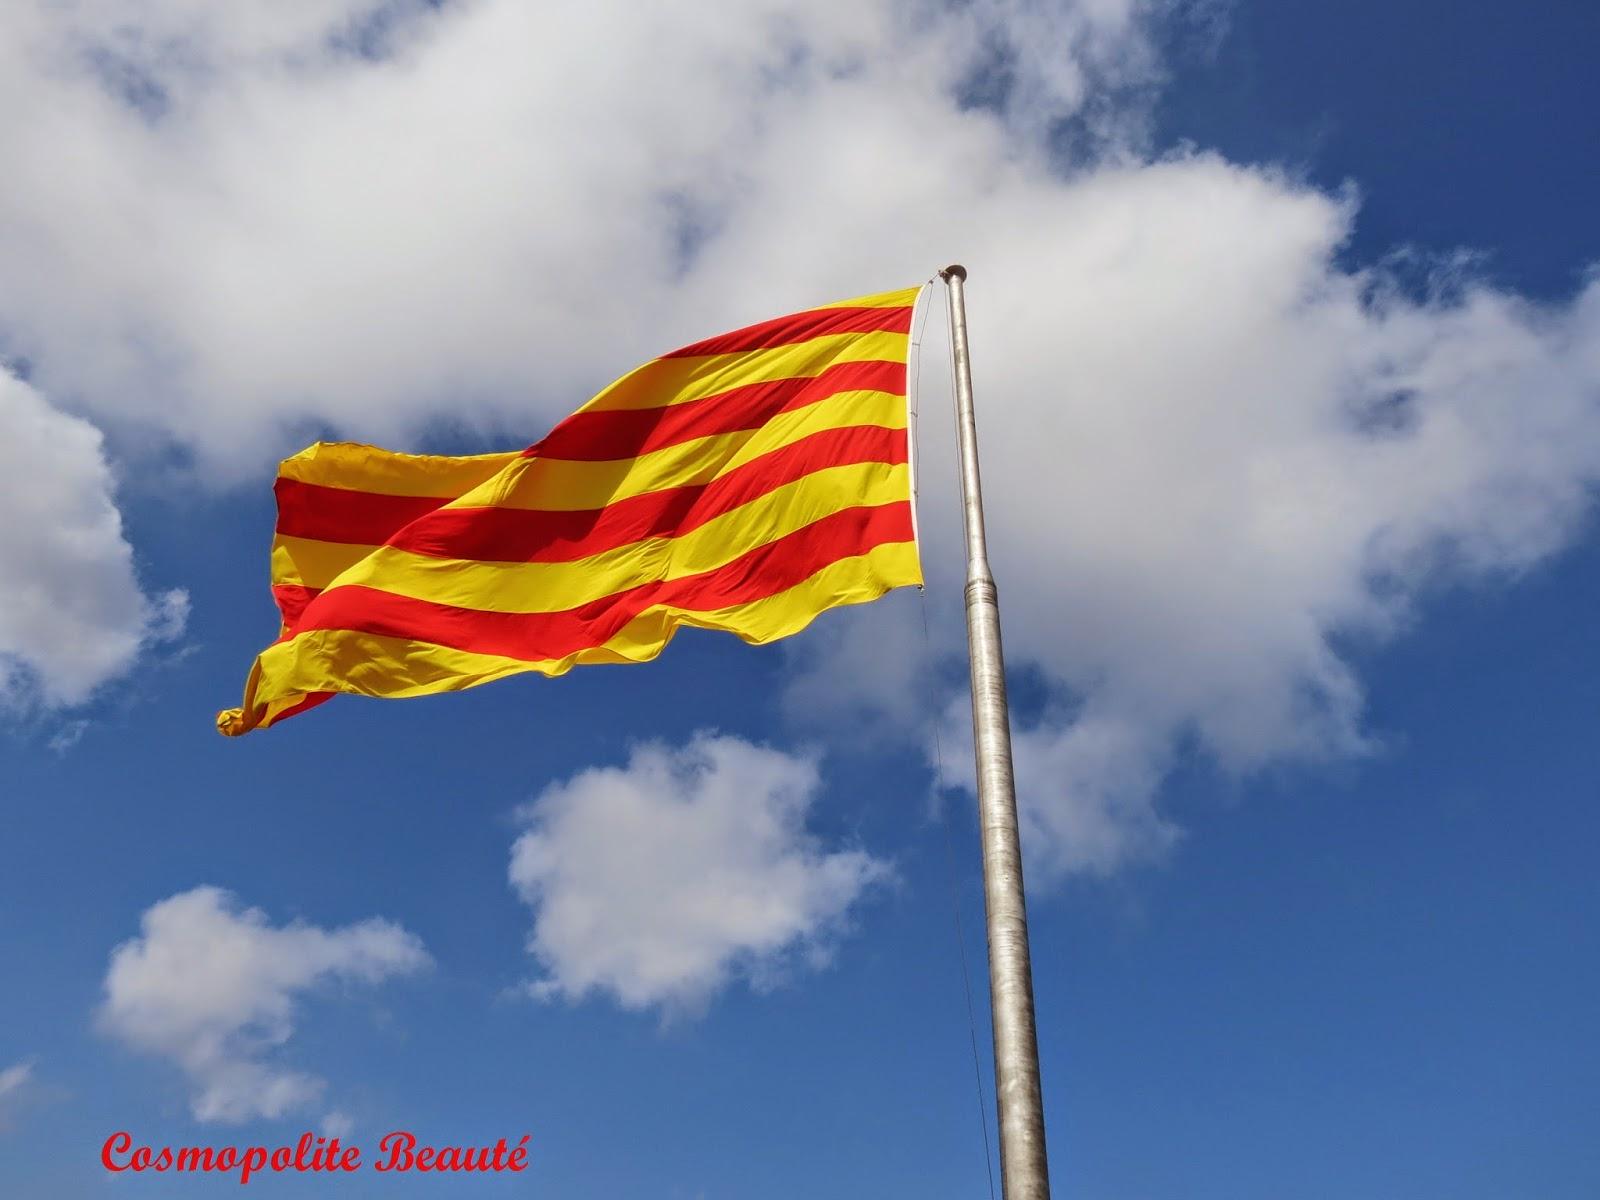 Barcelone, Espagne, voyage, carnet de voyage, Barcelona, beauté, mode, boutiques